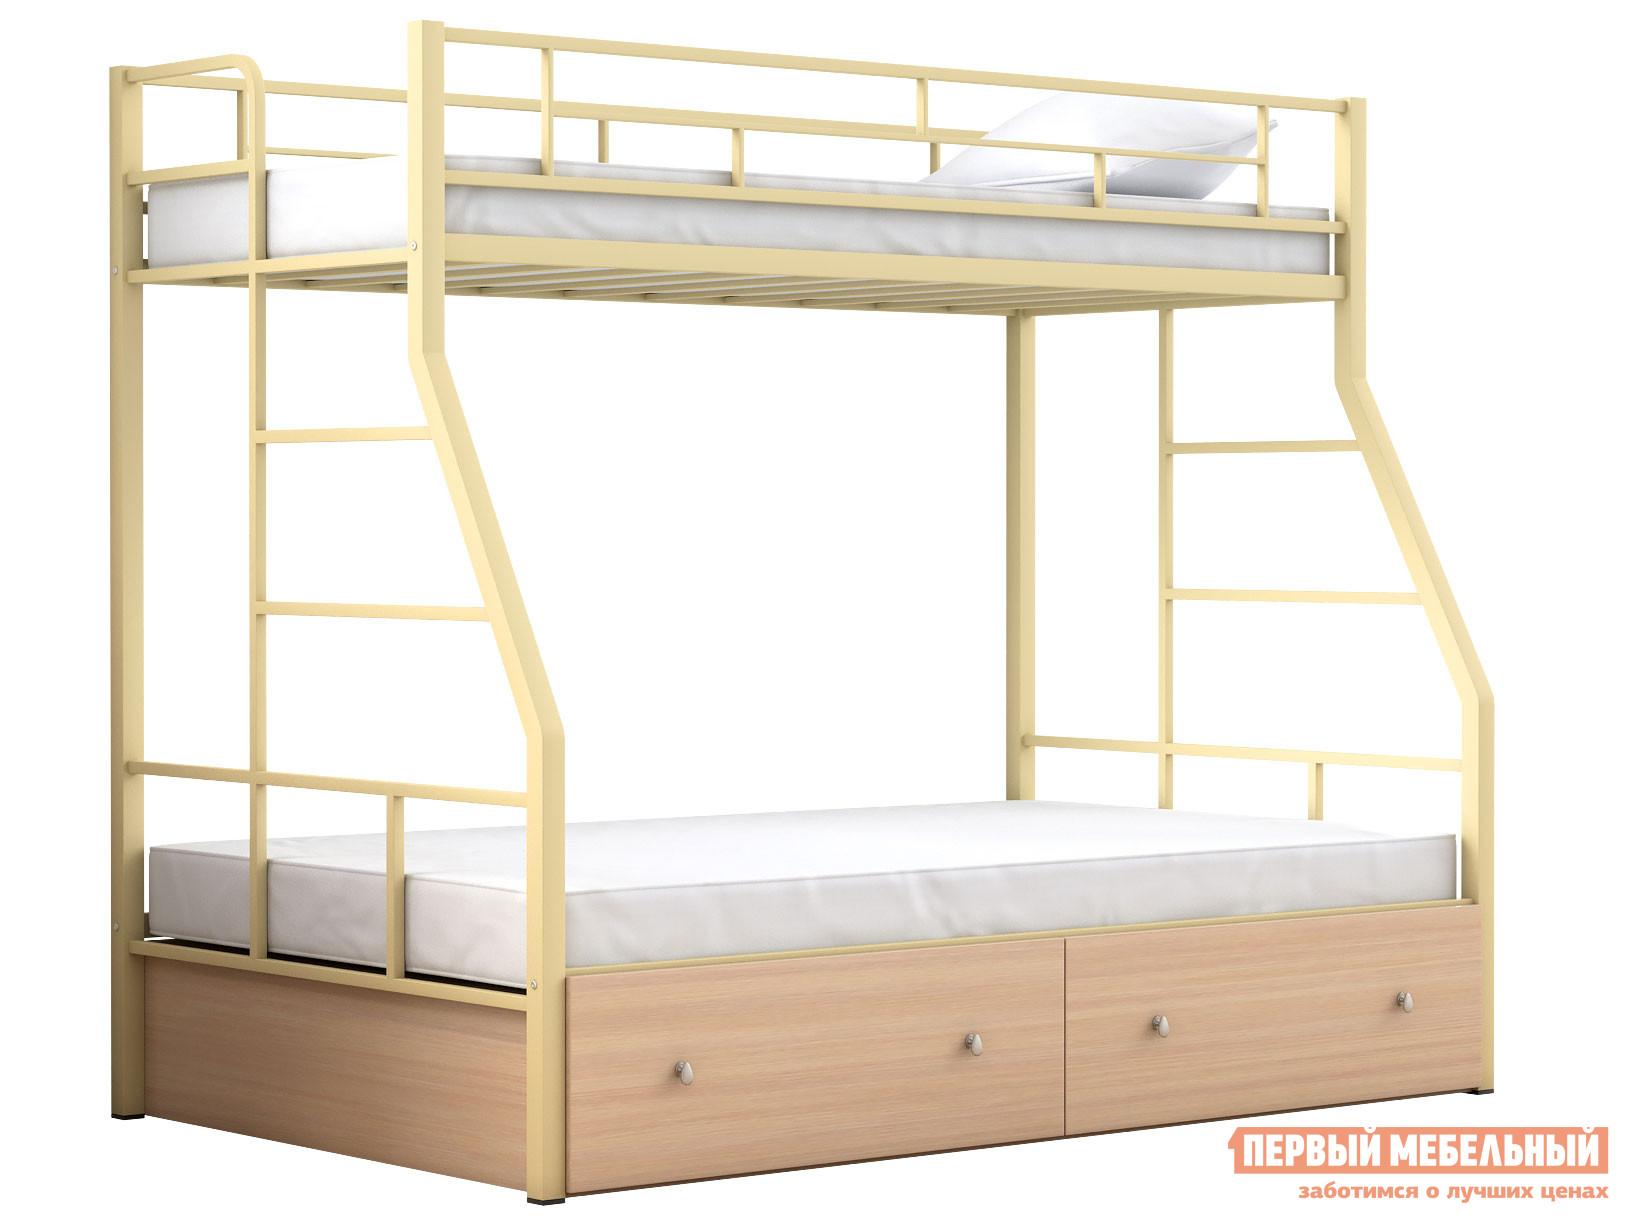 Двухъярусная кровать МФ 4 Сезона Двухъярусная детская кровать Раута Твист ящики